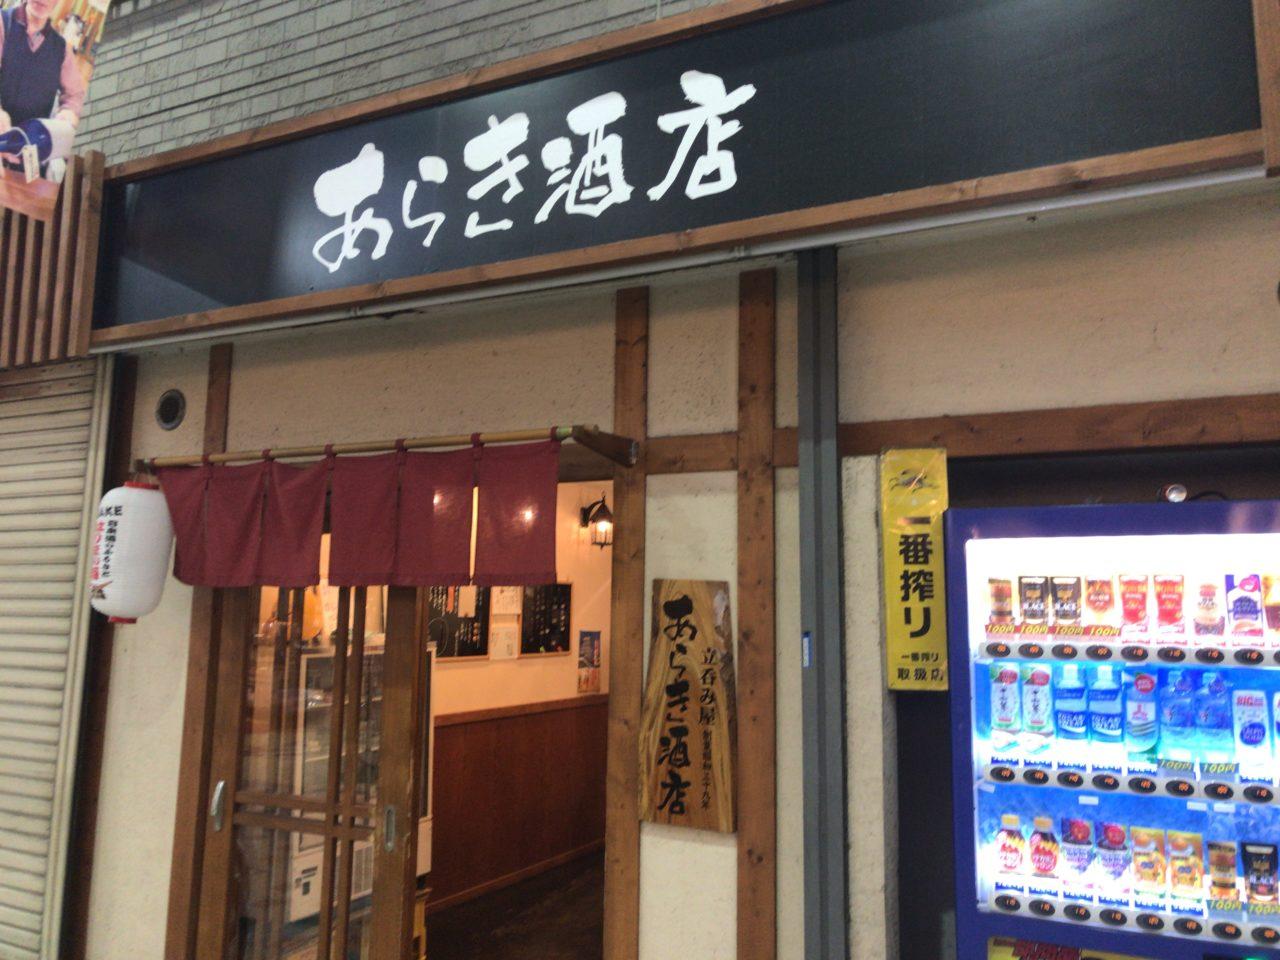 カフェ 姫路 メイド 「鳥伸~とりのぶ~総本店」が幸町のメイドカフェ跡に移転オープンするみたい!【6/14】前店から300m移転